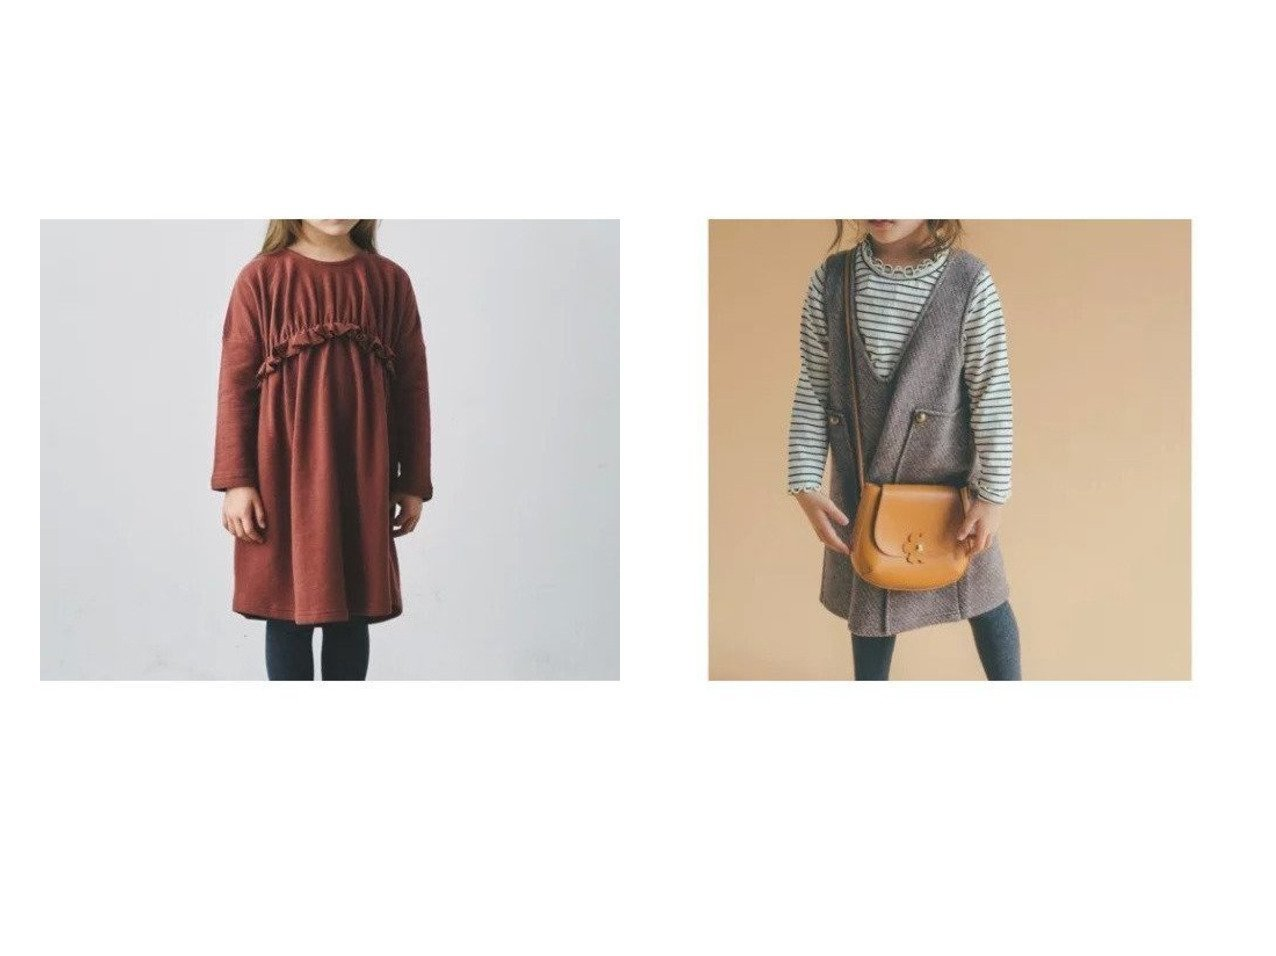 【green label relaxing / UNITED ARROWS / KIDS/グリーンレーベルリラクシング】の【キッズ】GLR ギャザーワンピース&【キッズ】GLR ボンディング ジャンパースカート 【KIDS】子供服のおすすめ!人気、キッズファッションの通販 おすすめで人気のファッション通販商品 インテリア・家具・キッズファッション・メンズファッション・レディースファッション・服の通販 founy(ファニー) https://founy.com/ ファッション Fashion キッズ KIDS ワンピース Dress Kids カットソー ギャザー タイツ フリル レギンス 無地 A/W 秋冬 Autumn &  Winter インナー クラシカル ボンディング リブニット 冬 Winter |ID:crp329100000005196